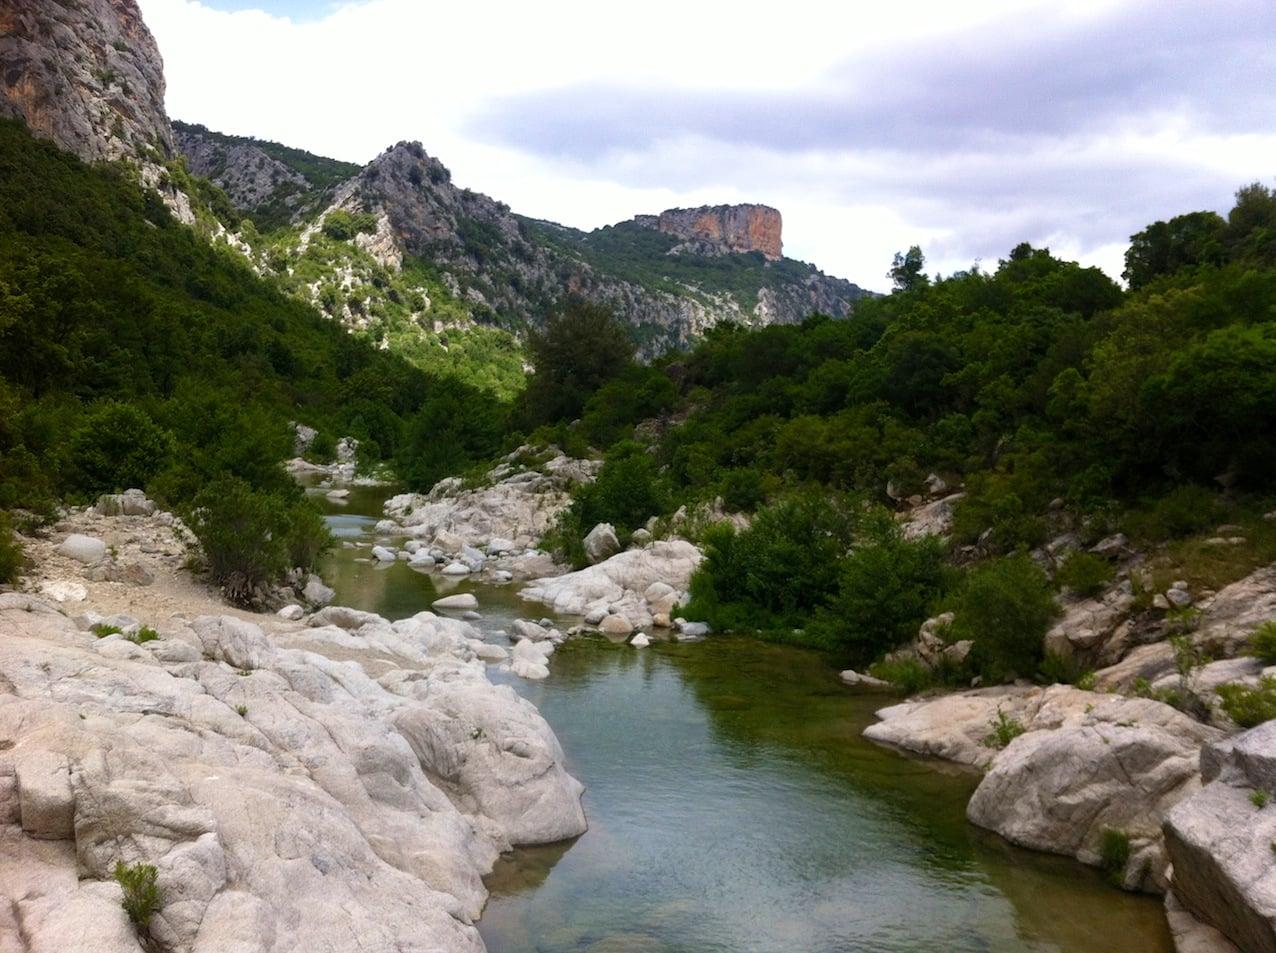 Randonnée vers le Canyon Gorroppu en Sardaigne